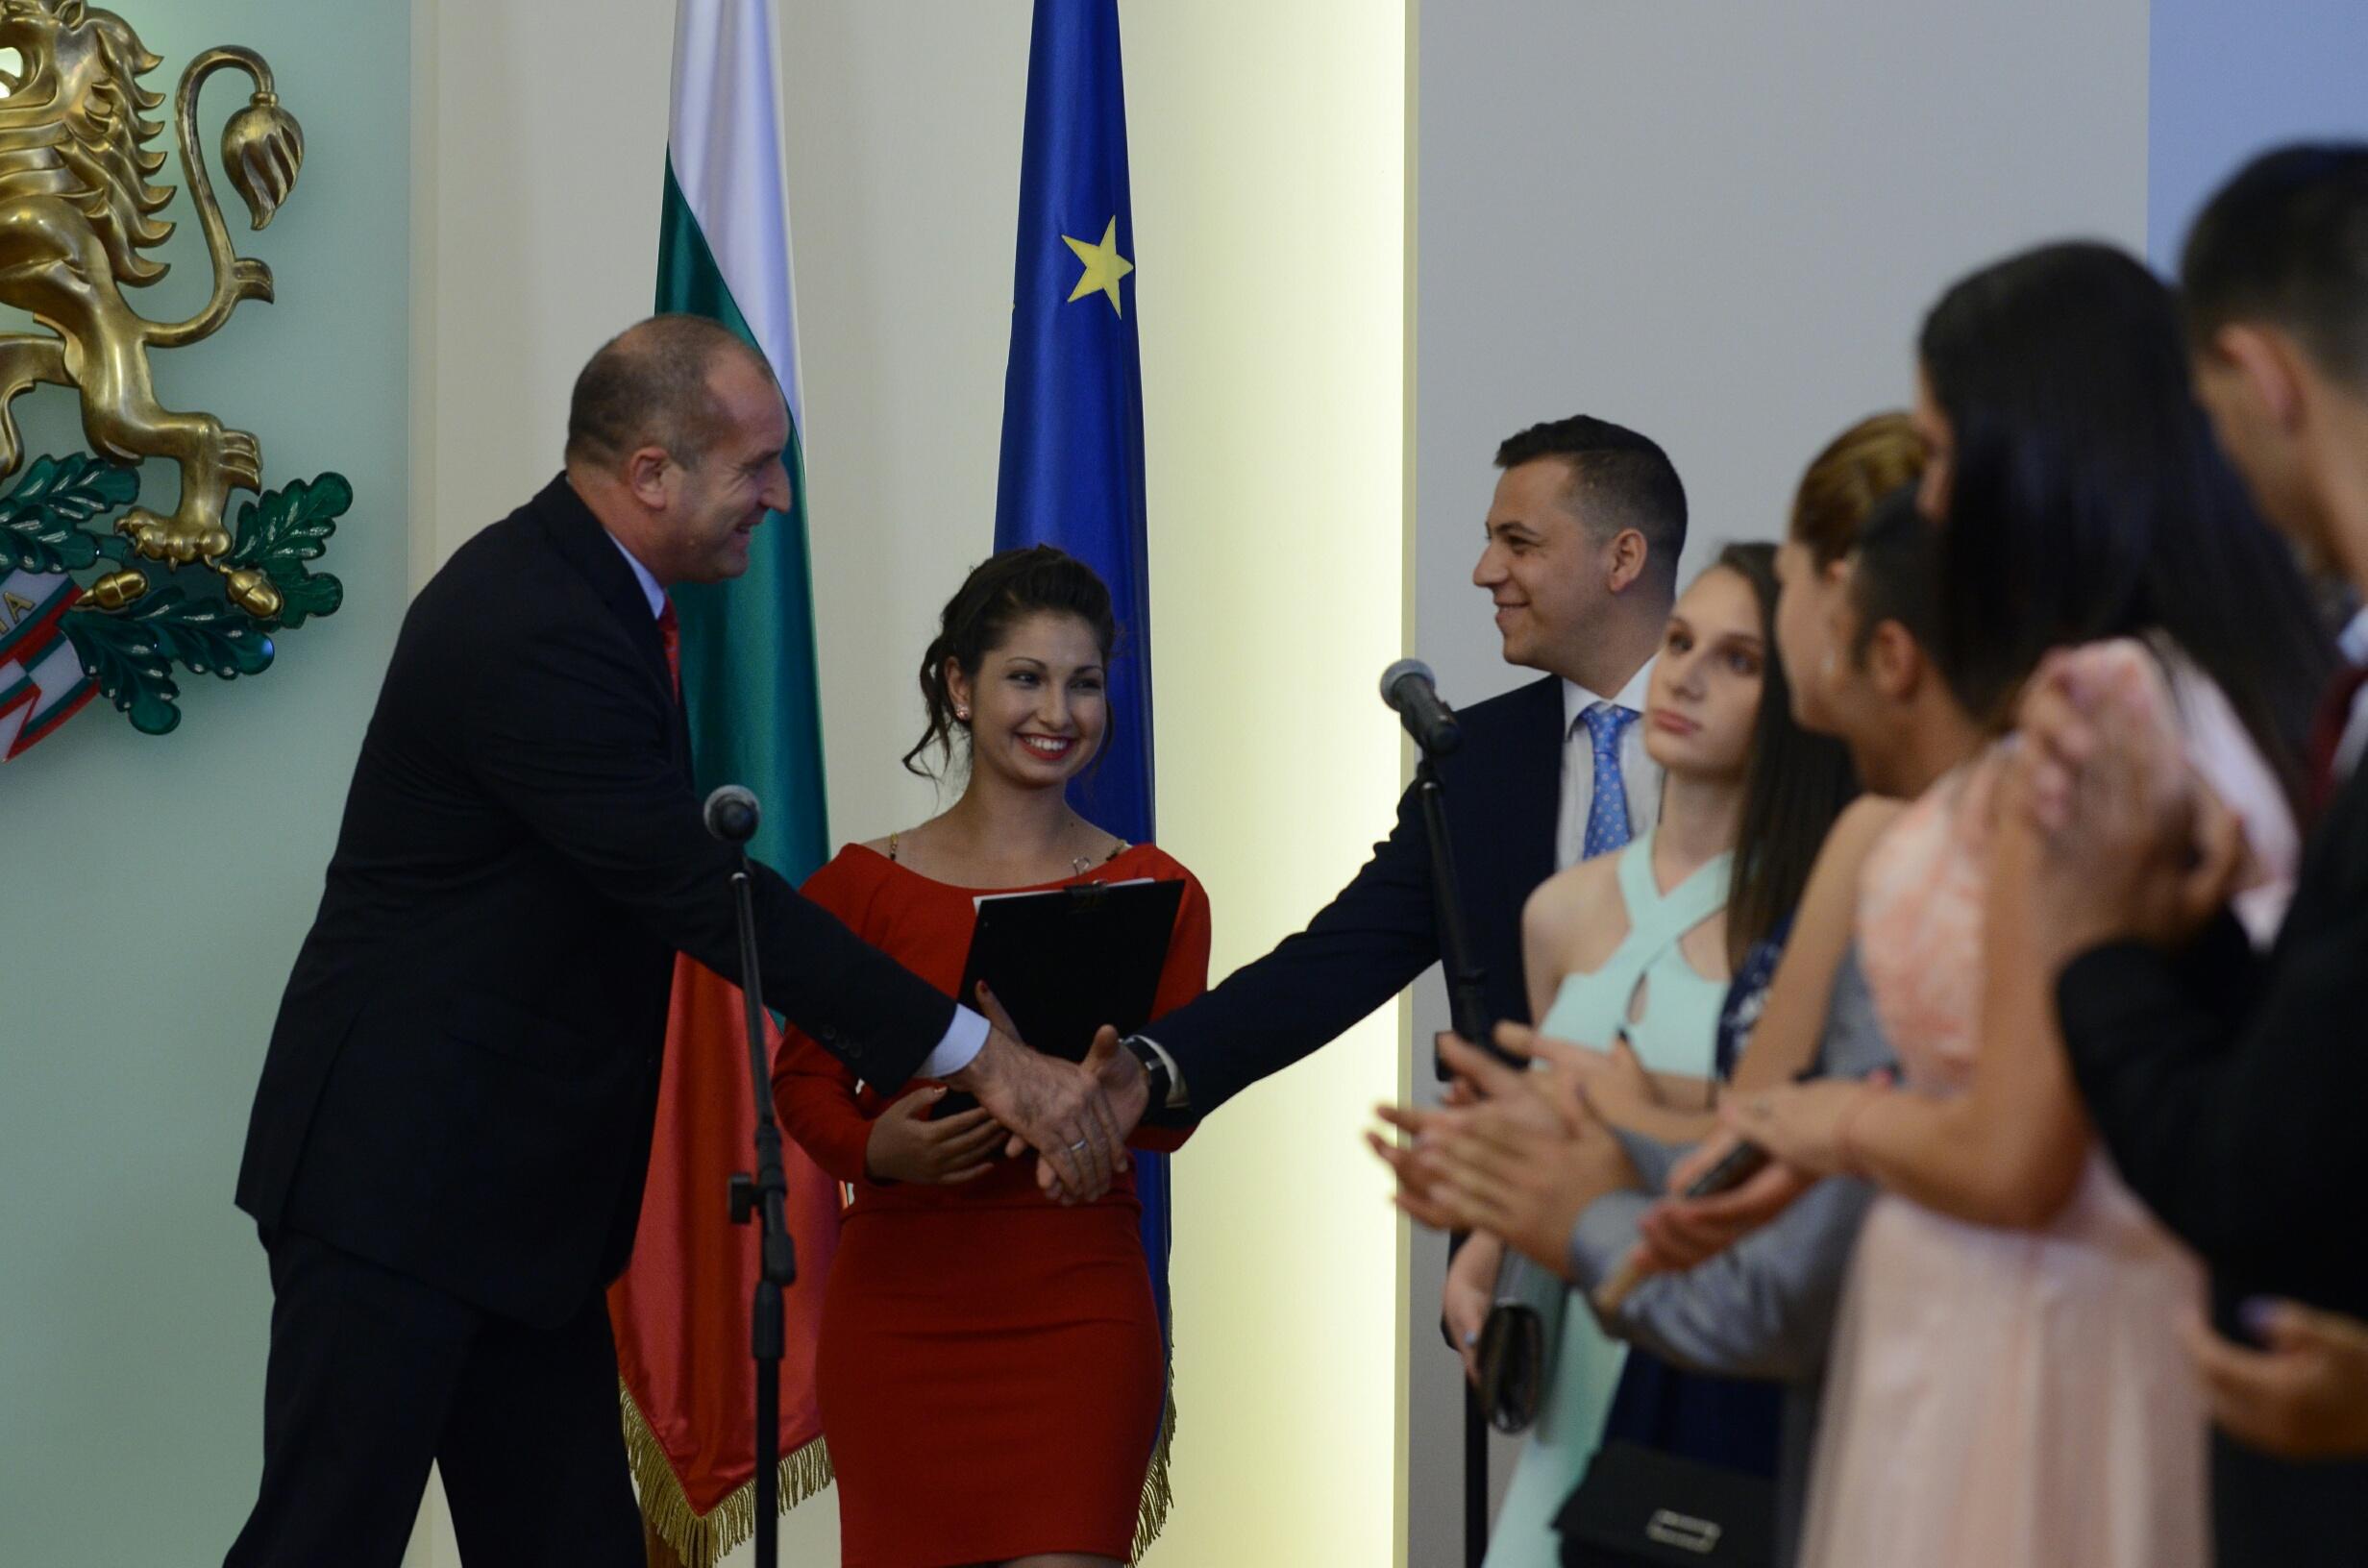 Президентът Румен Радев посрещна абитуриенти от над 60 специализирани институции за деца и младежи от цялата страна. На събитието присъства и първата дама Десислава Радева.